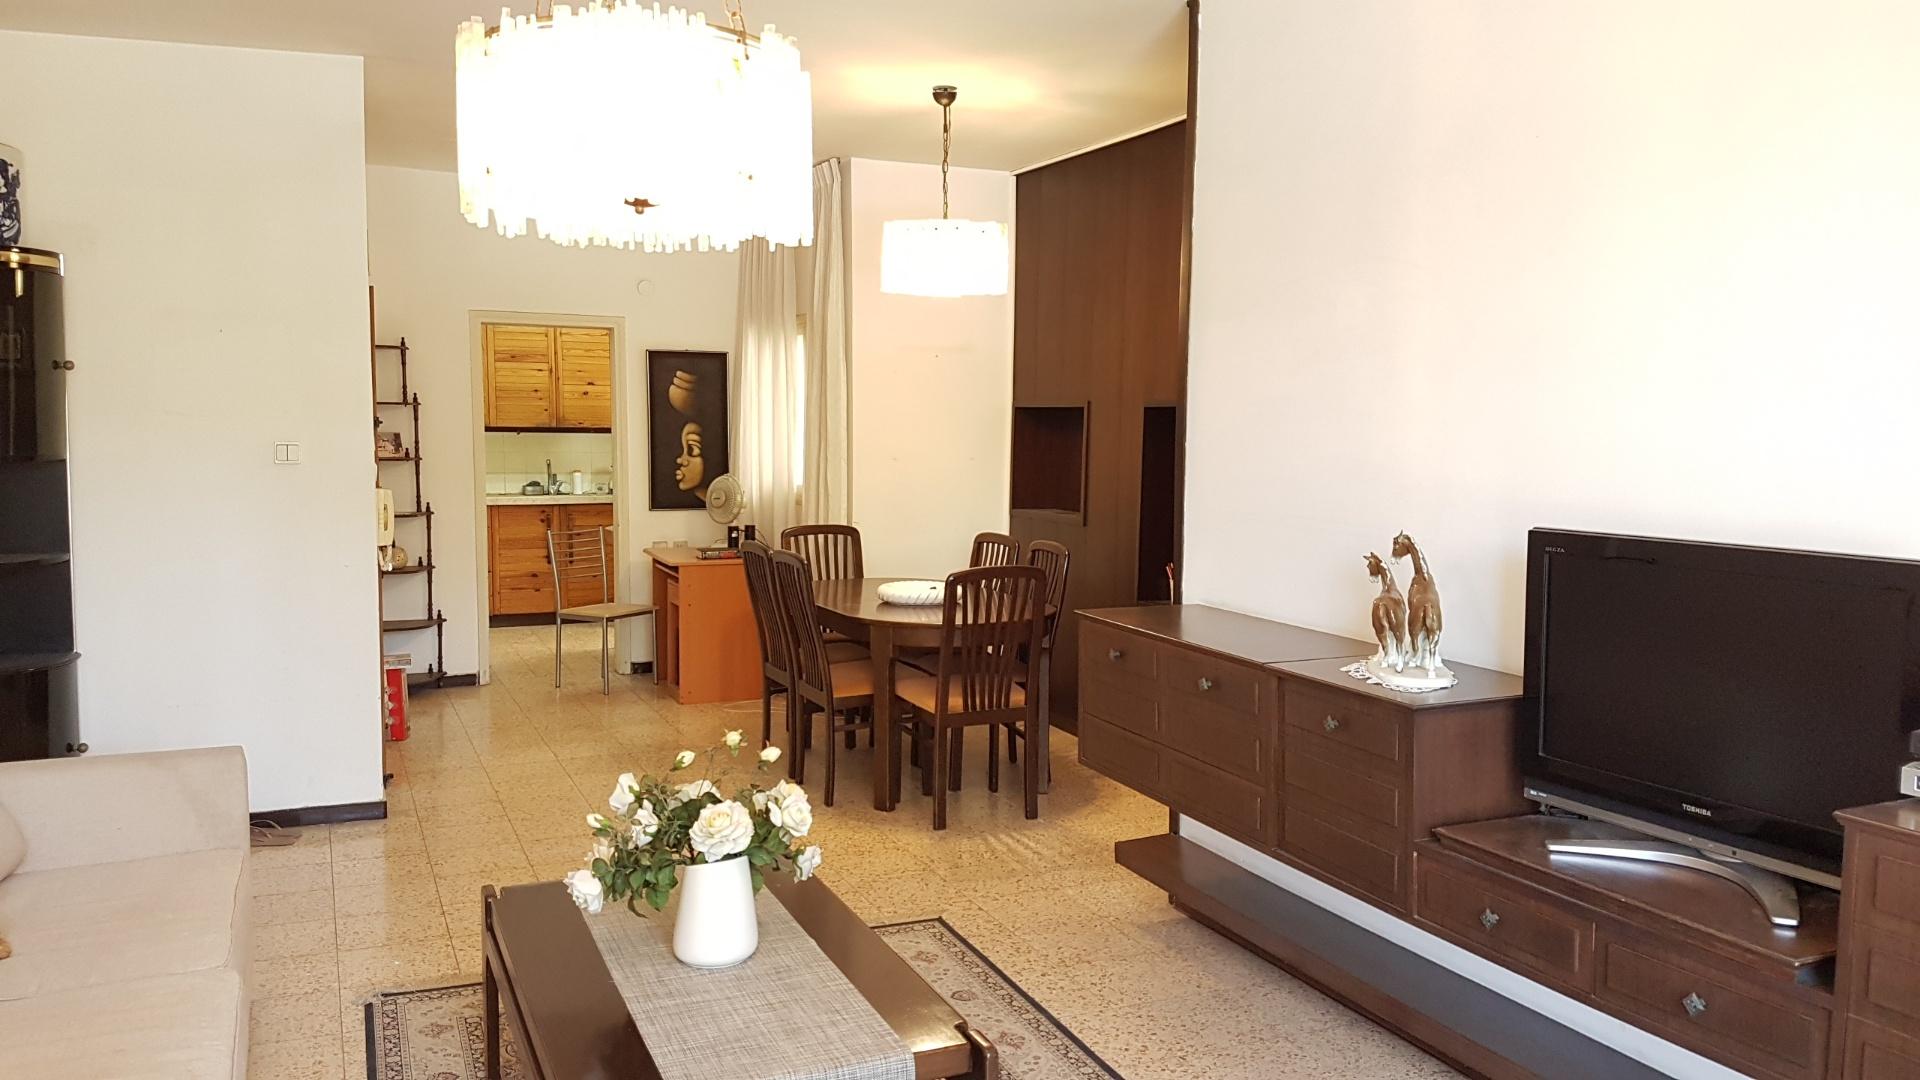 דירת 3 חדרים בשכונת בבלי המבוקשת